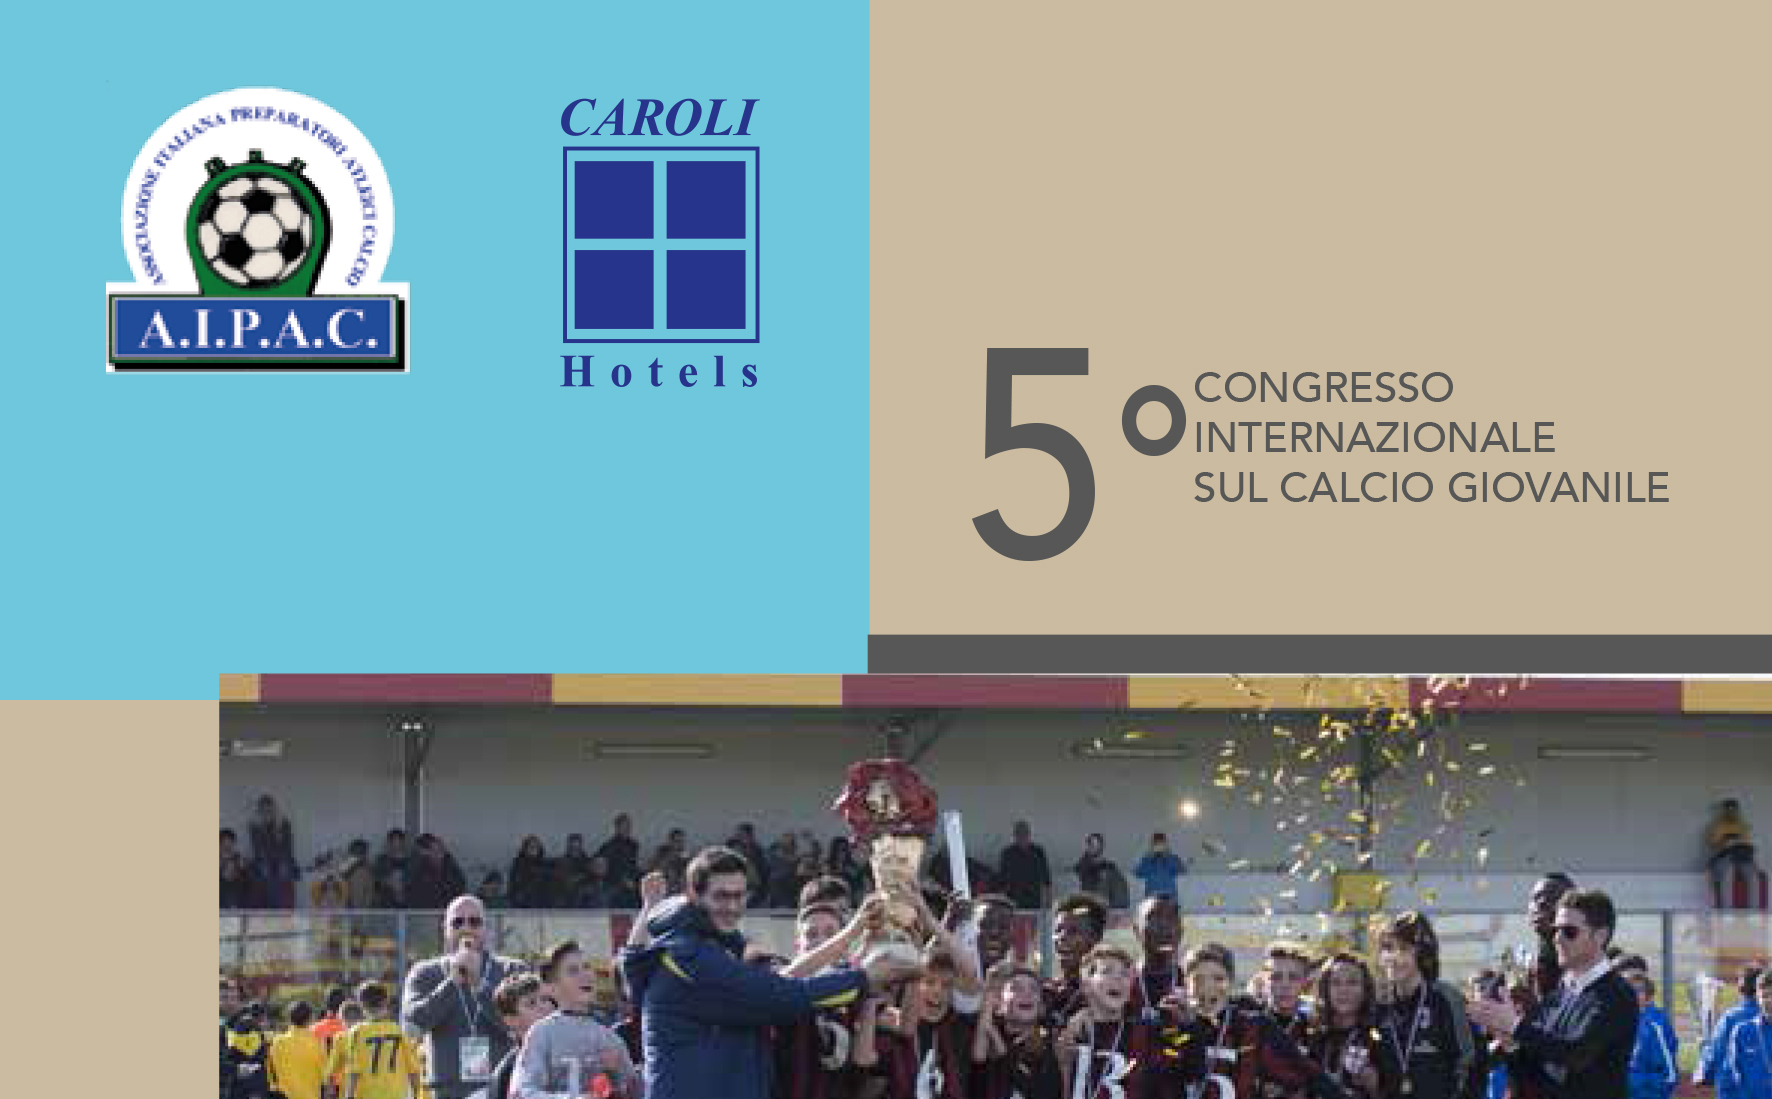 5-congresso-internazionale-sul-calcio-giovanile-sabato-25-febbraio